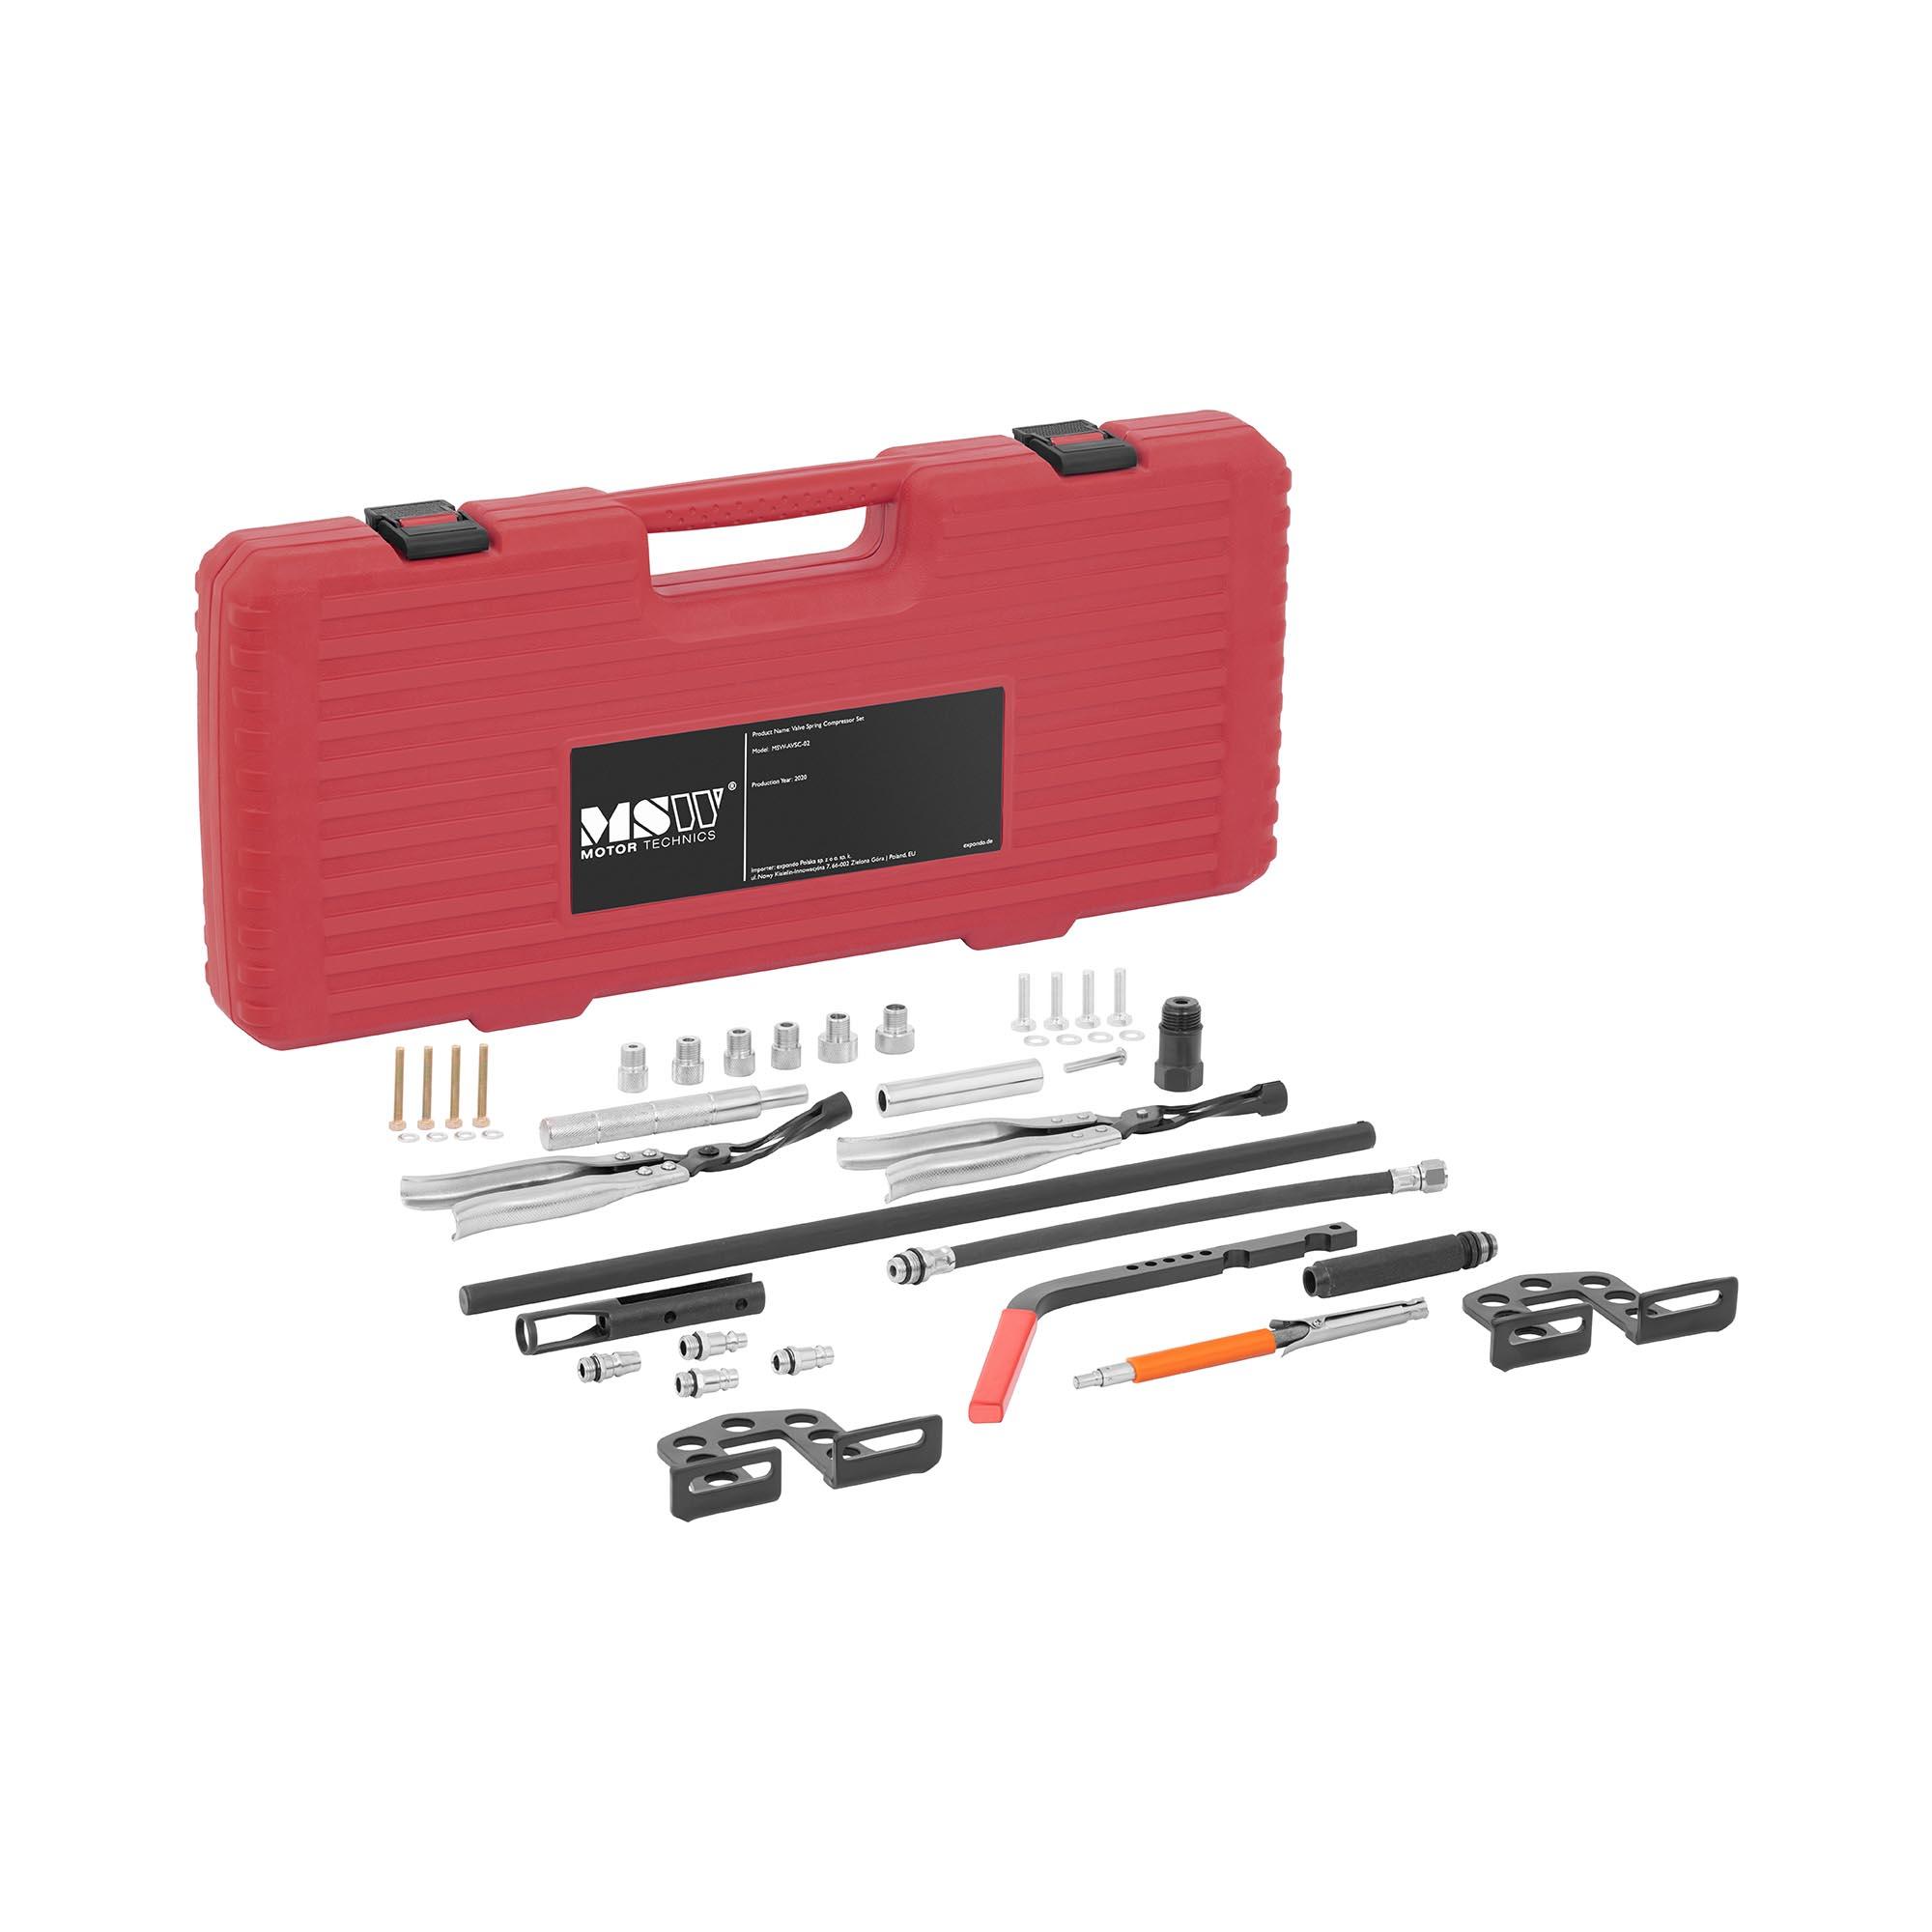 MSW Ventilfederspanner Druckluft - 22 Teile MSW-AVSC-02